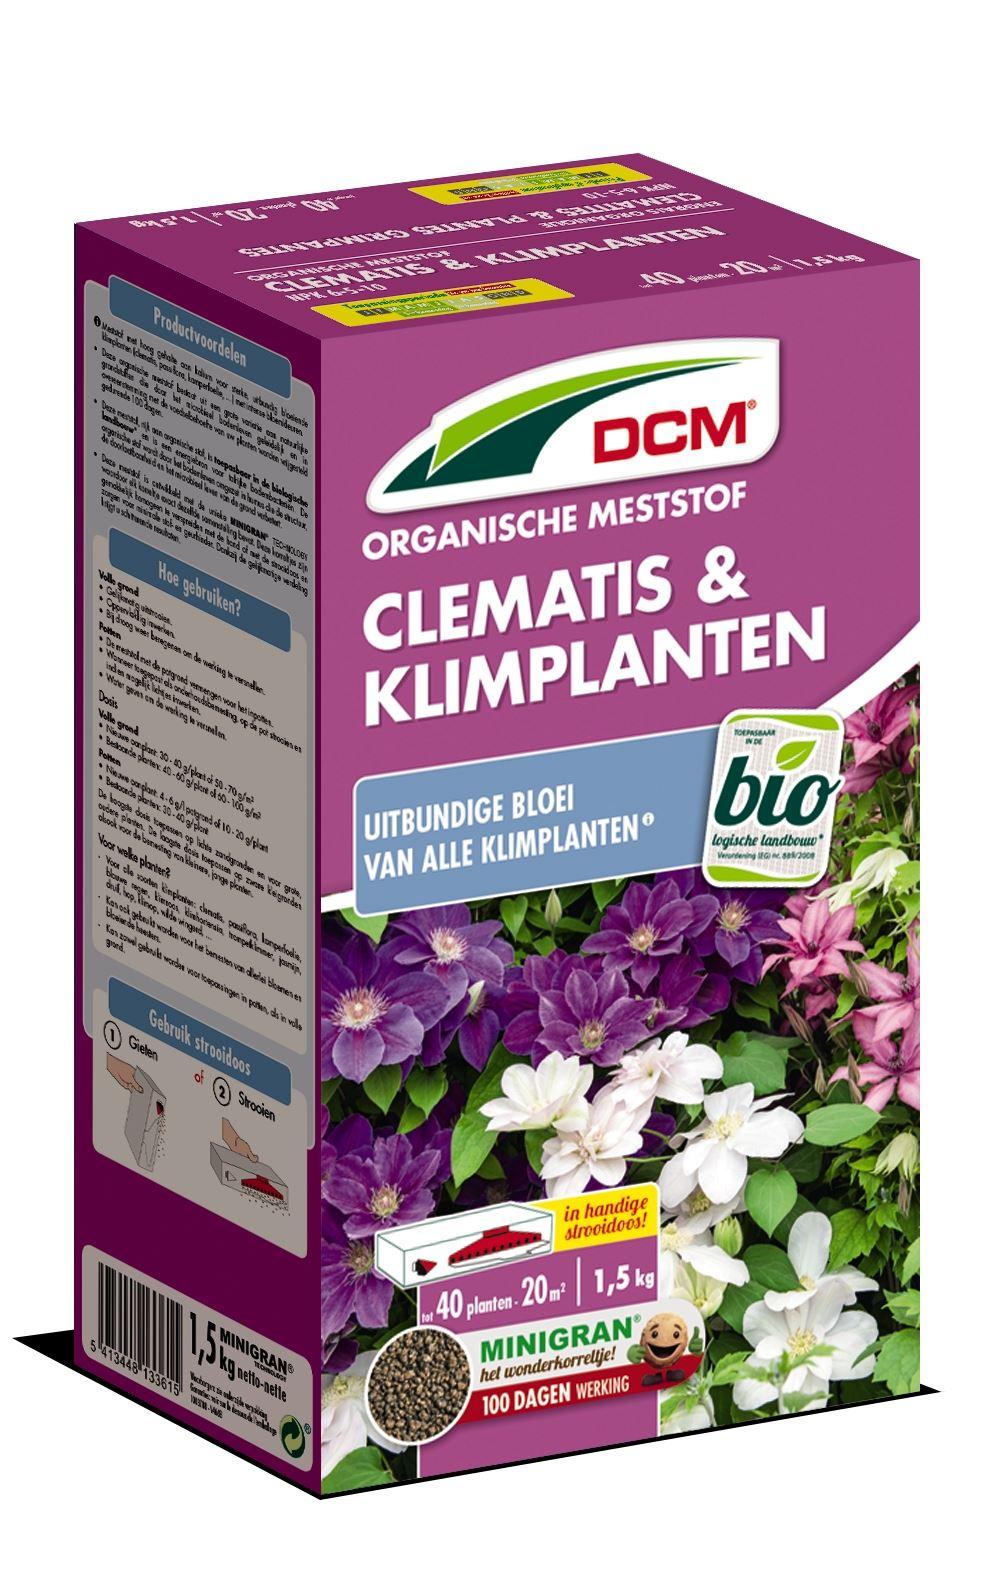 Meststof-clematis-klimplanten-1-5kg-Bio-NPK-6-5-10